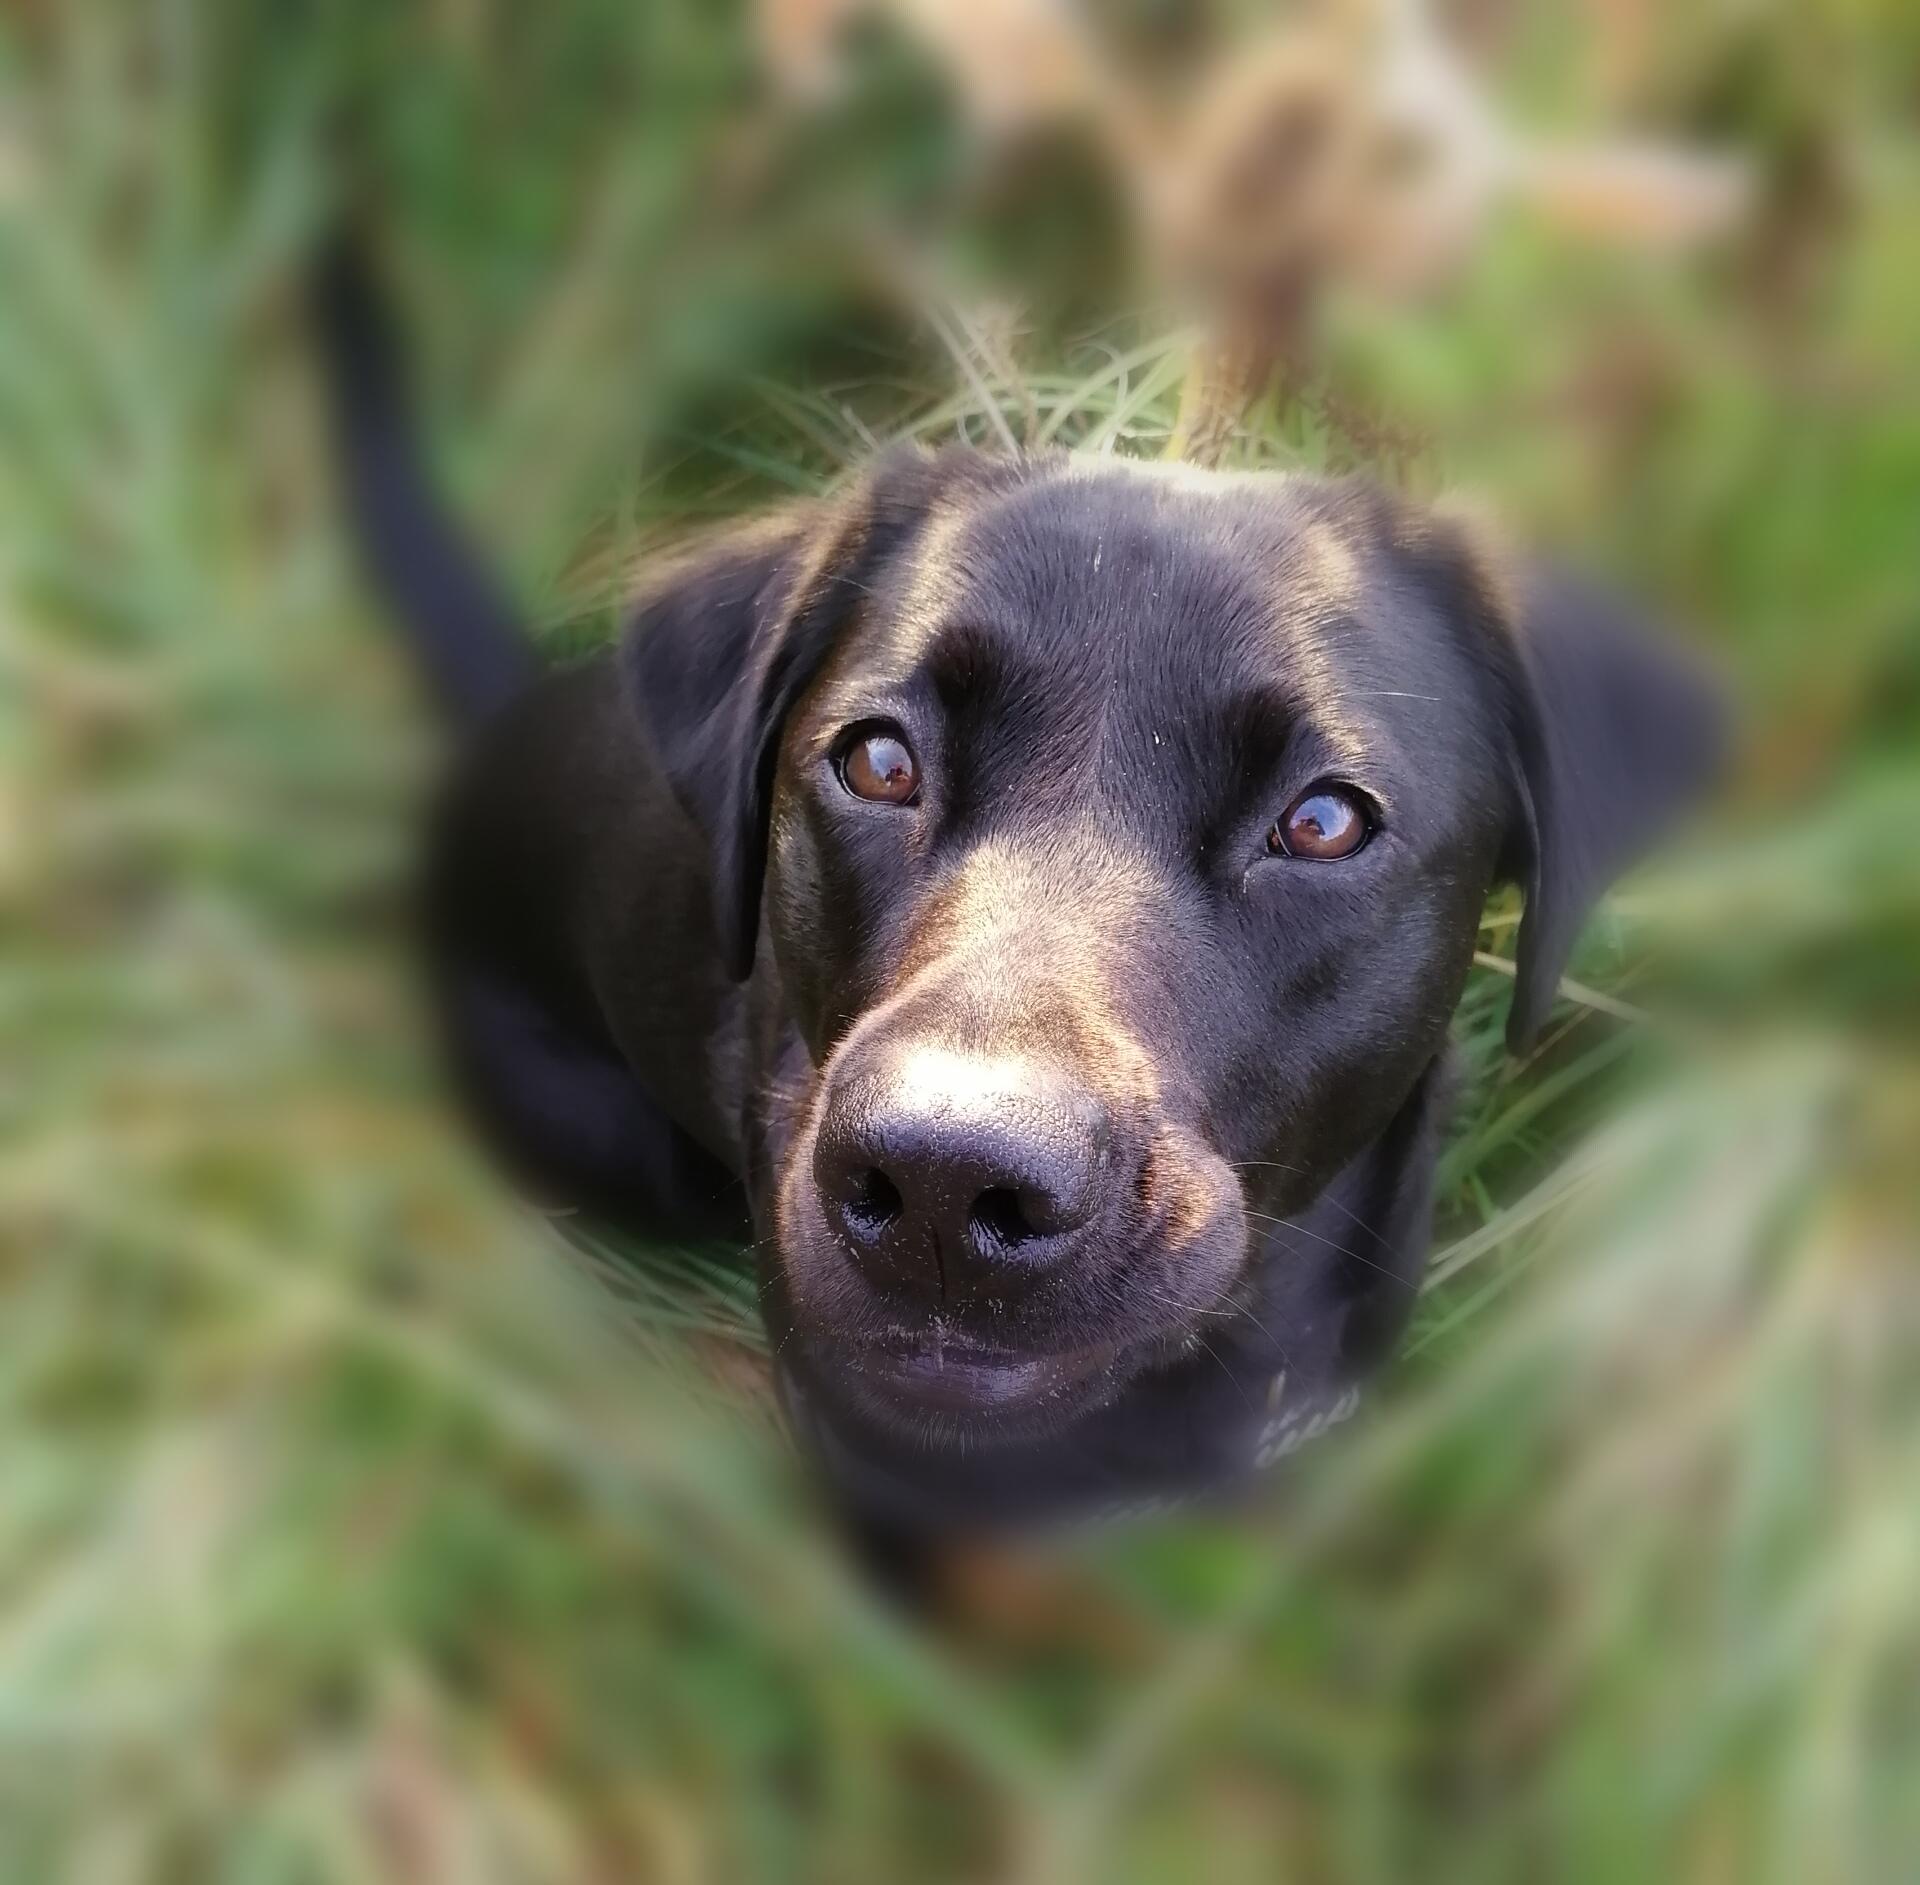 Labrador, gun dog, retriever, Wiltshire, walking